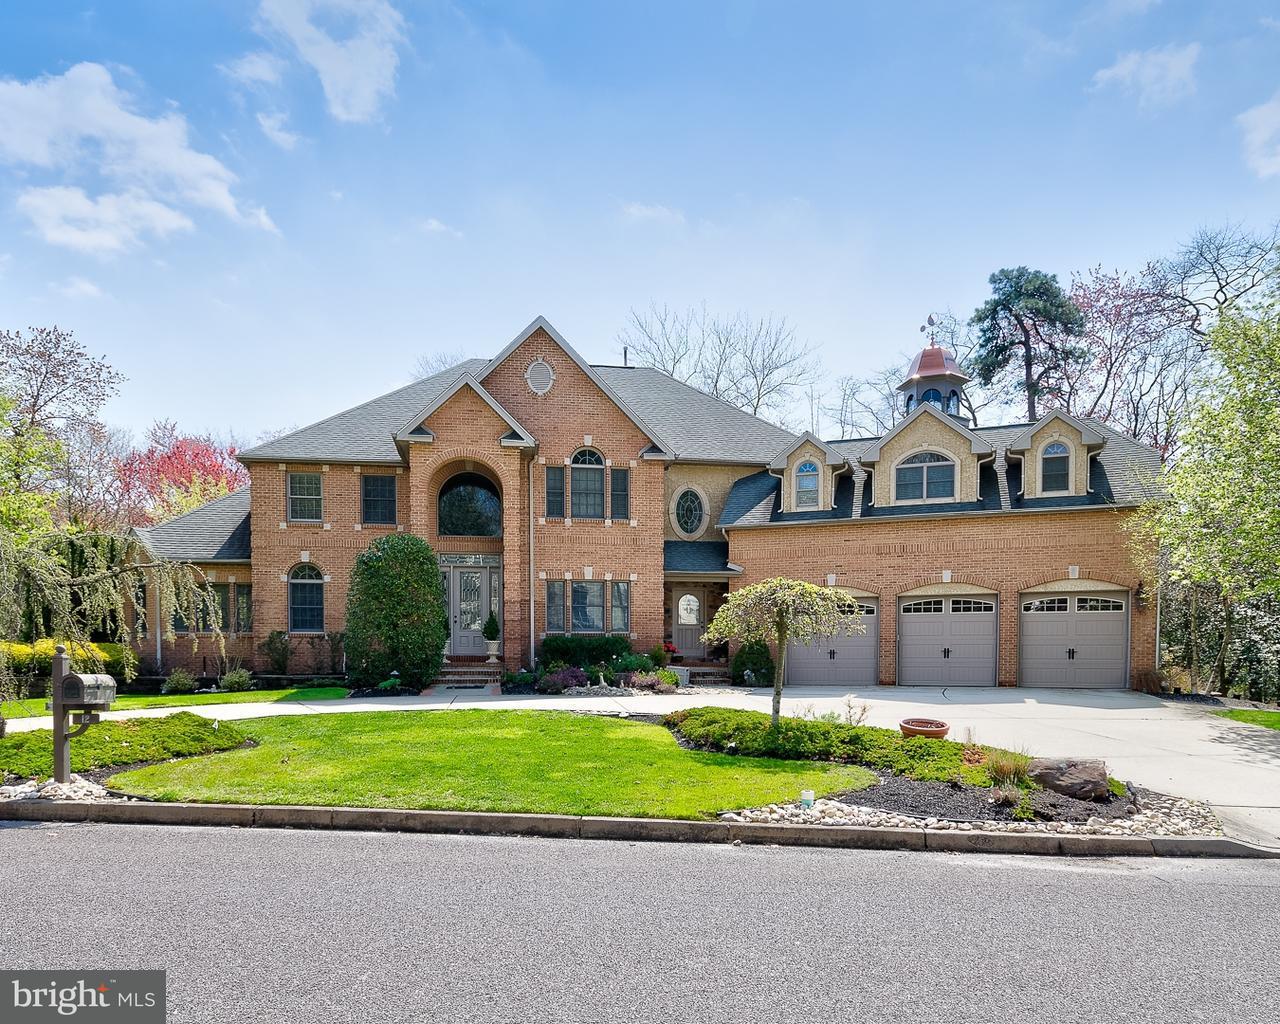 Частный односемейный дом для того Продажа на 12 HIDDEN ACRES Drive Voorhees, Нью-Джерси 08043 Соединенные Штаты